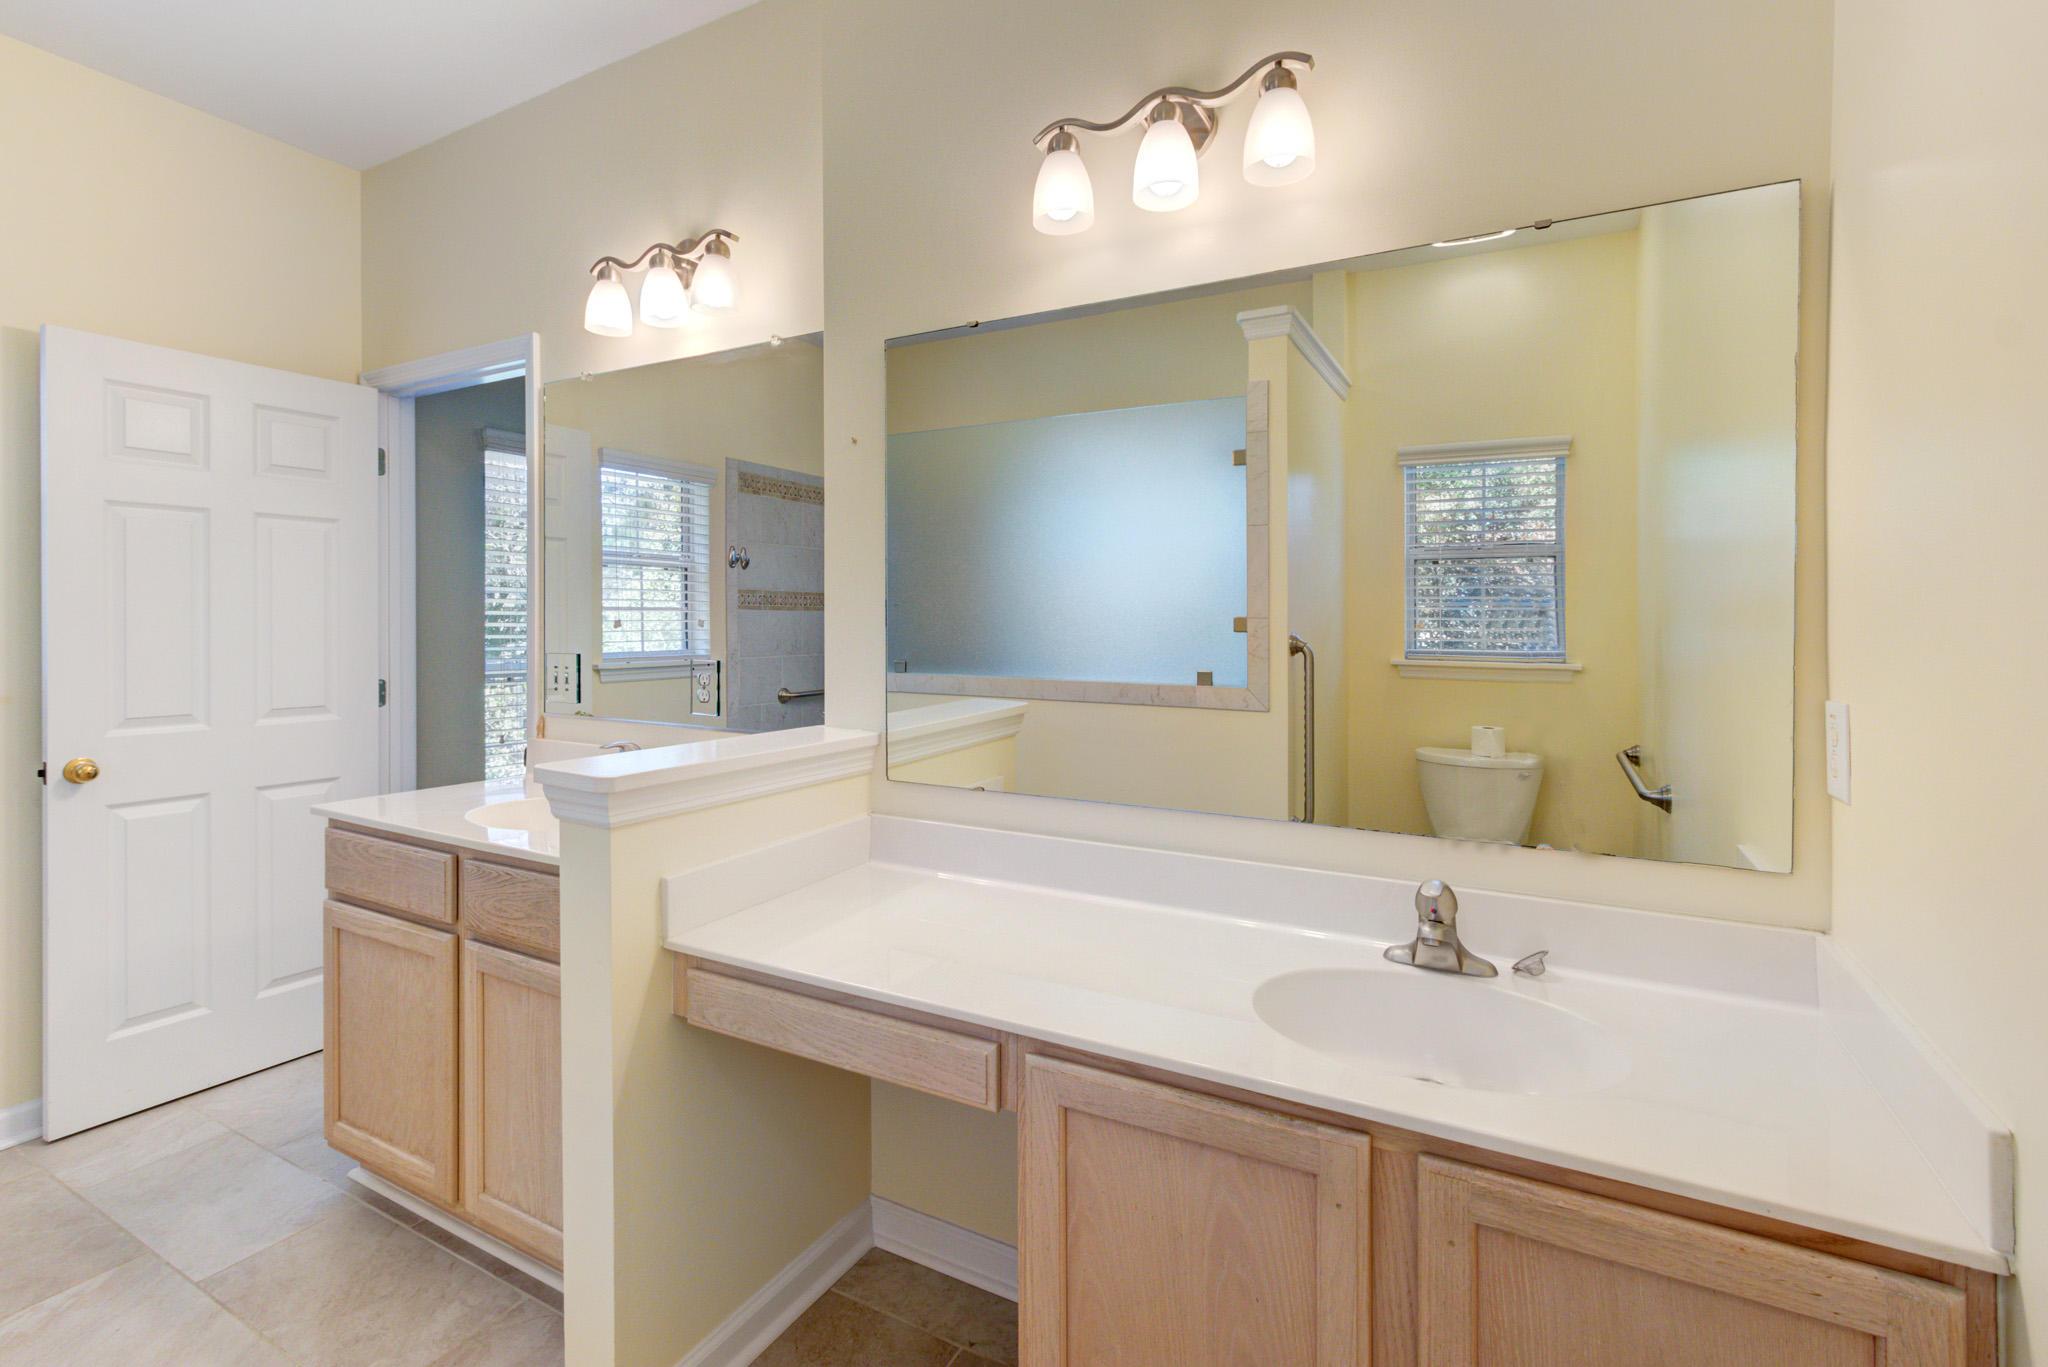 Dunes West Homes For Sale - 1645 Pin Oak Cut, Mount Pleasant, SC - 7